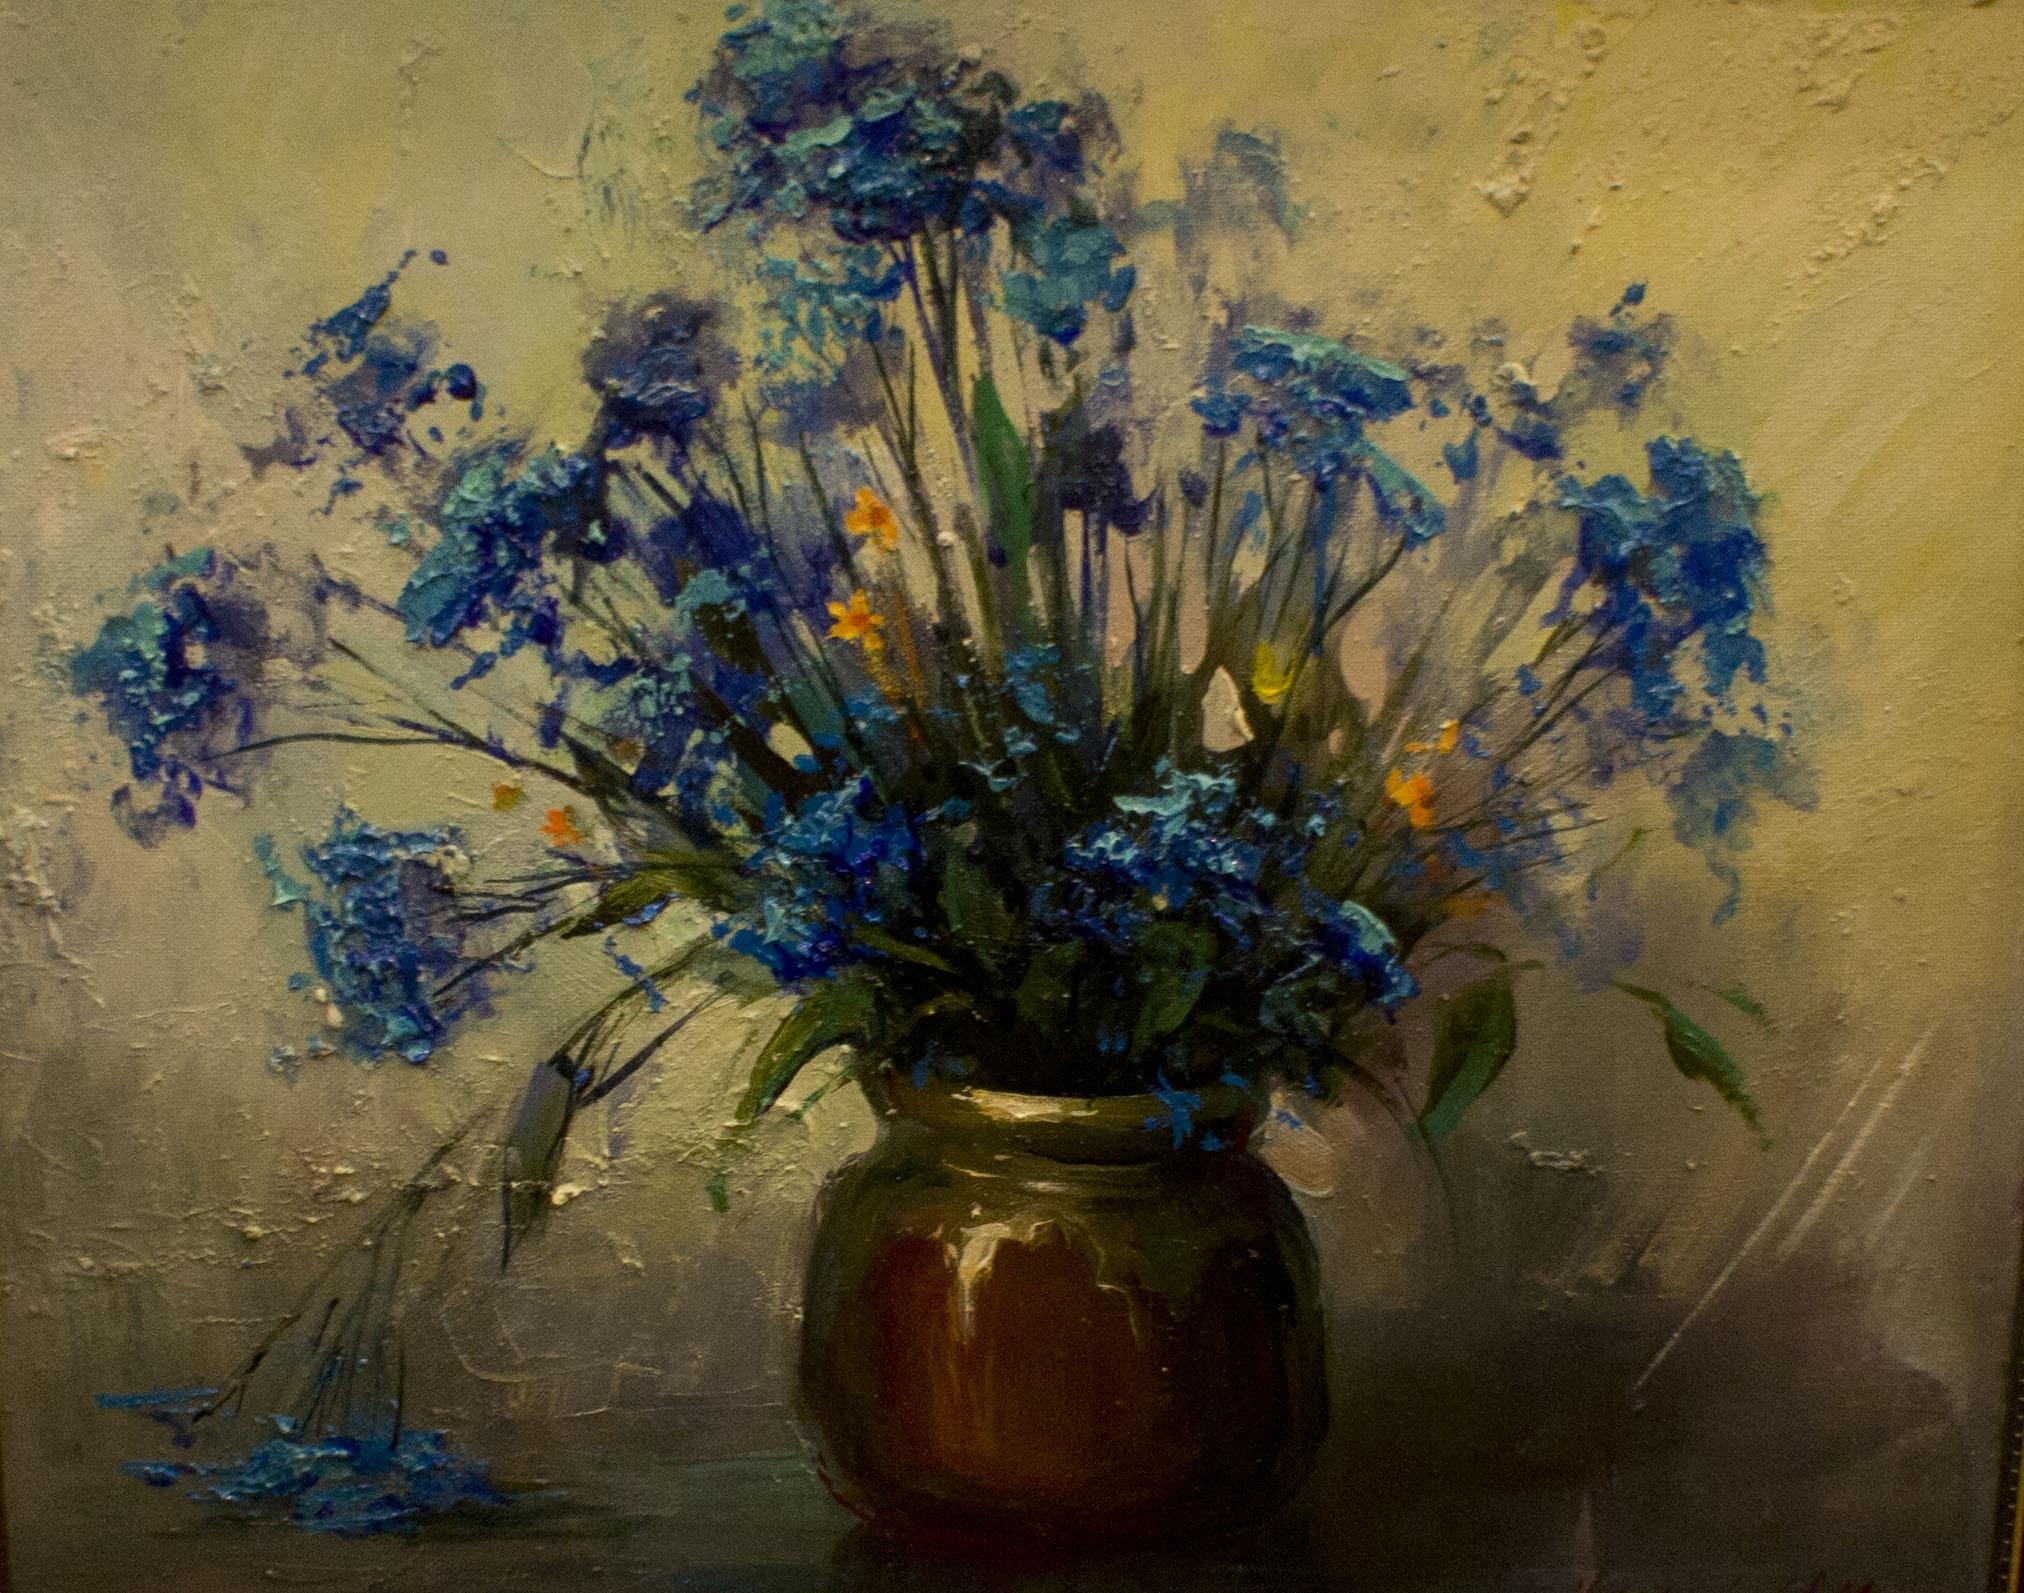 Холст, масло. Живописный натюрморт с синими цветами в глиняном горшочке.